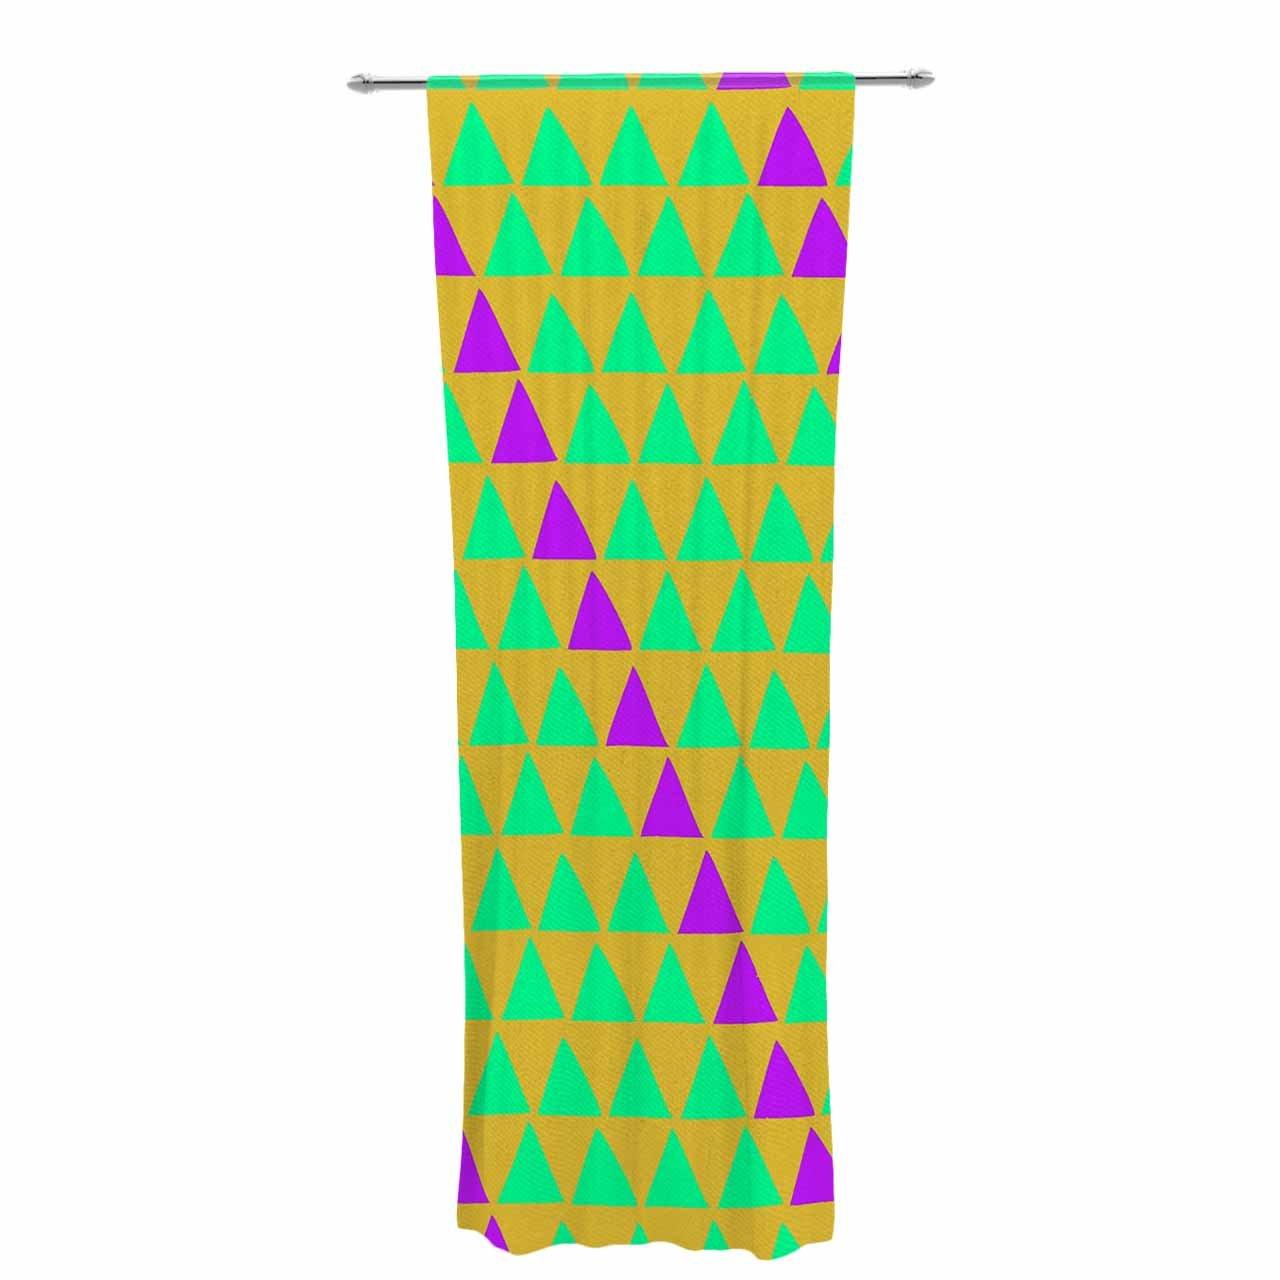 Kess InHouse Matt Eklund Fiesta Sheer Curtains 30\' x 84\'